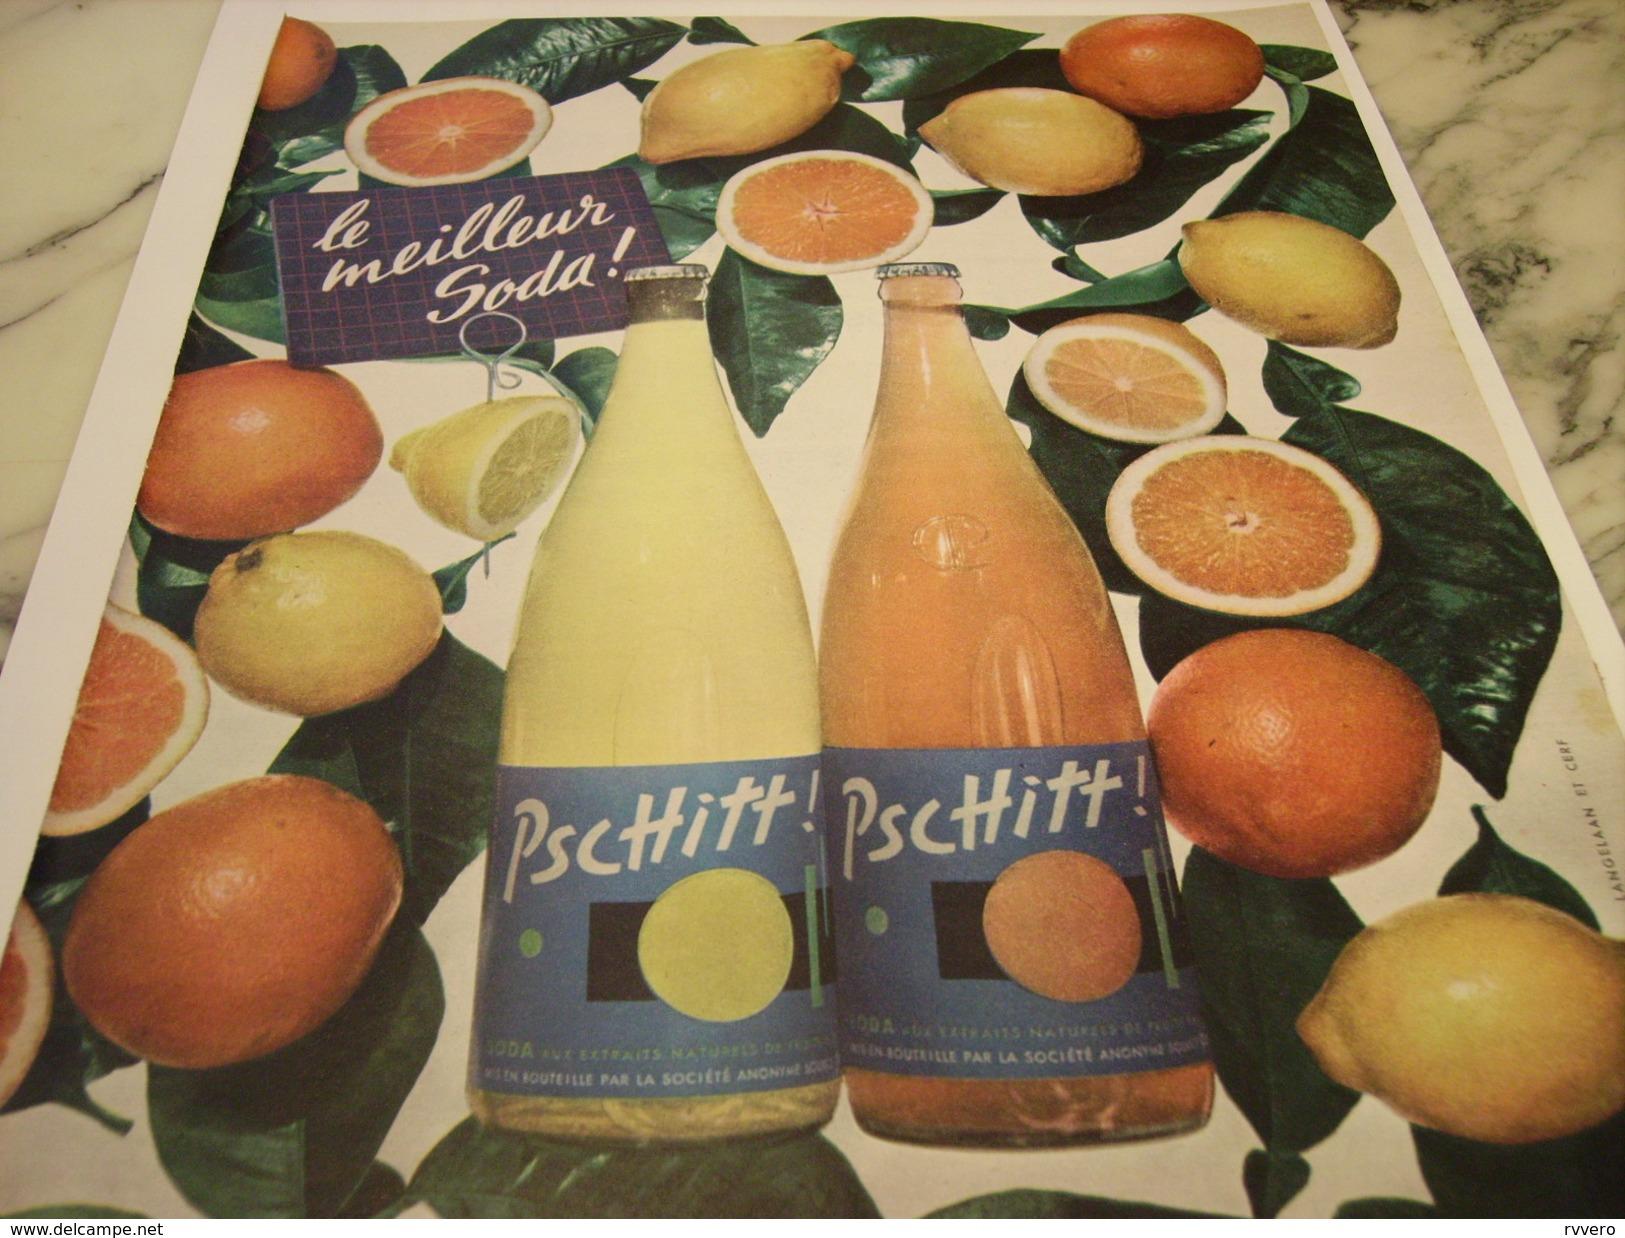 ANCIENNE PUBLICITE LE MEILLEUR SODA  LIMONADE PSCHITT 1958 - Advertising